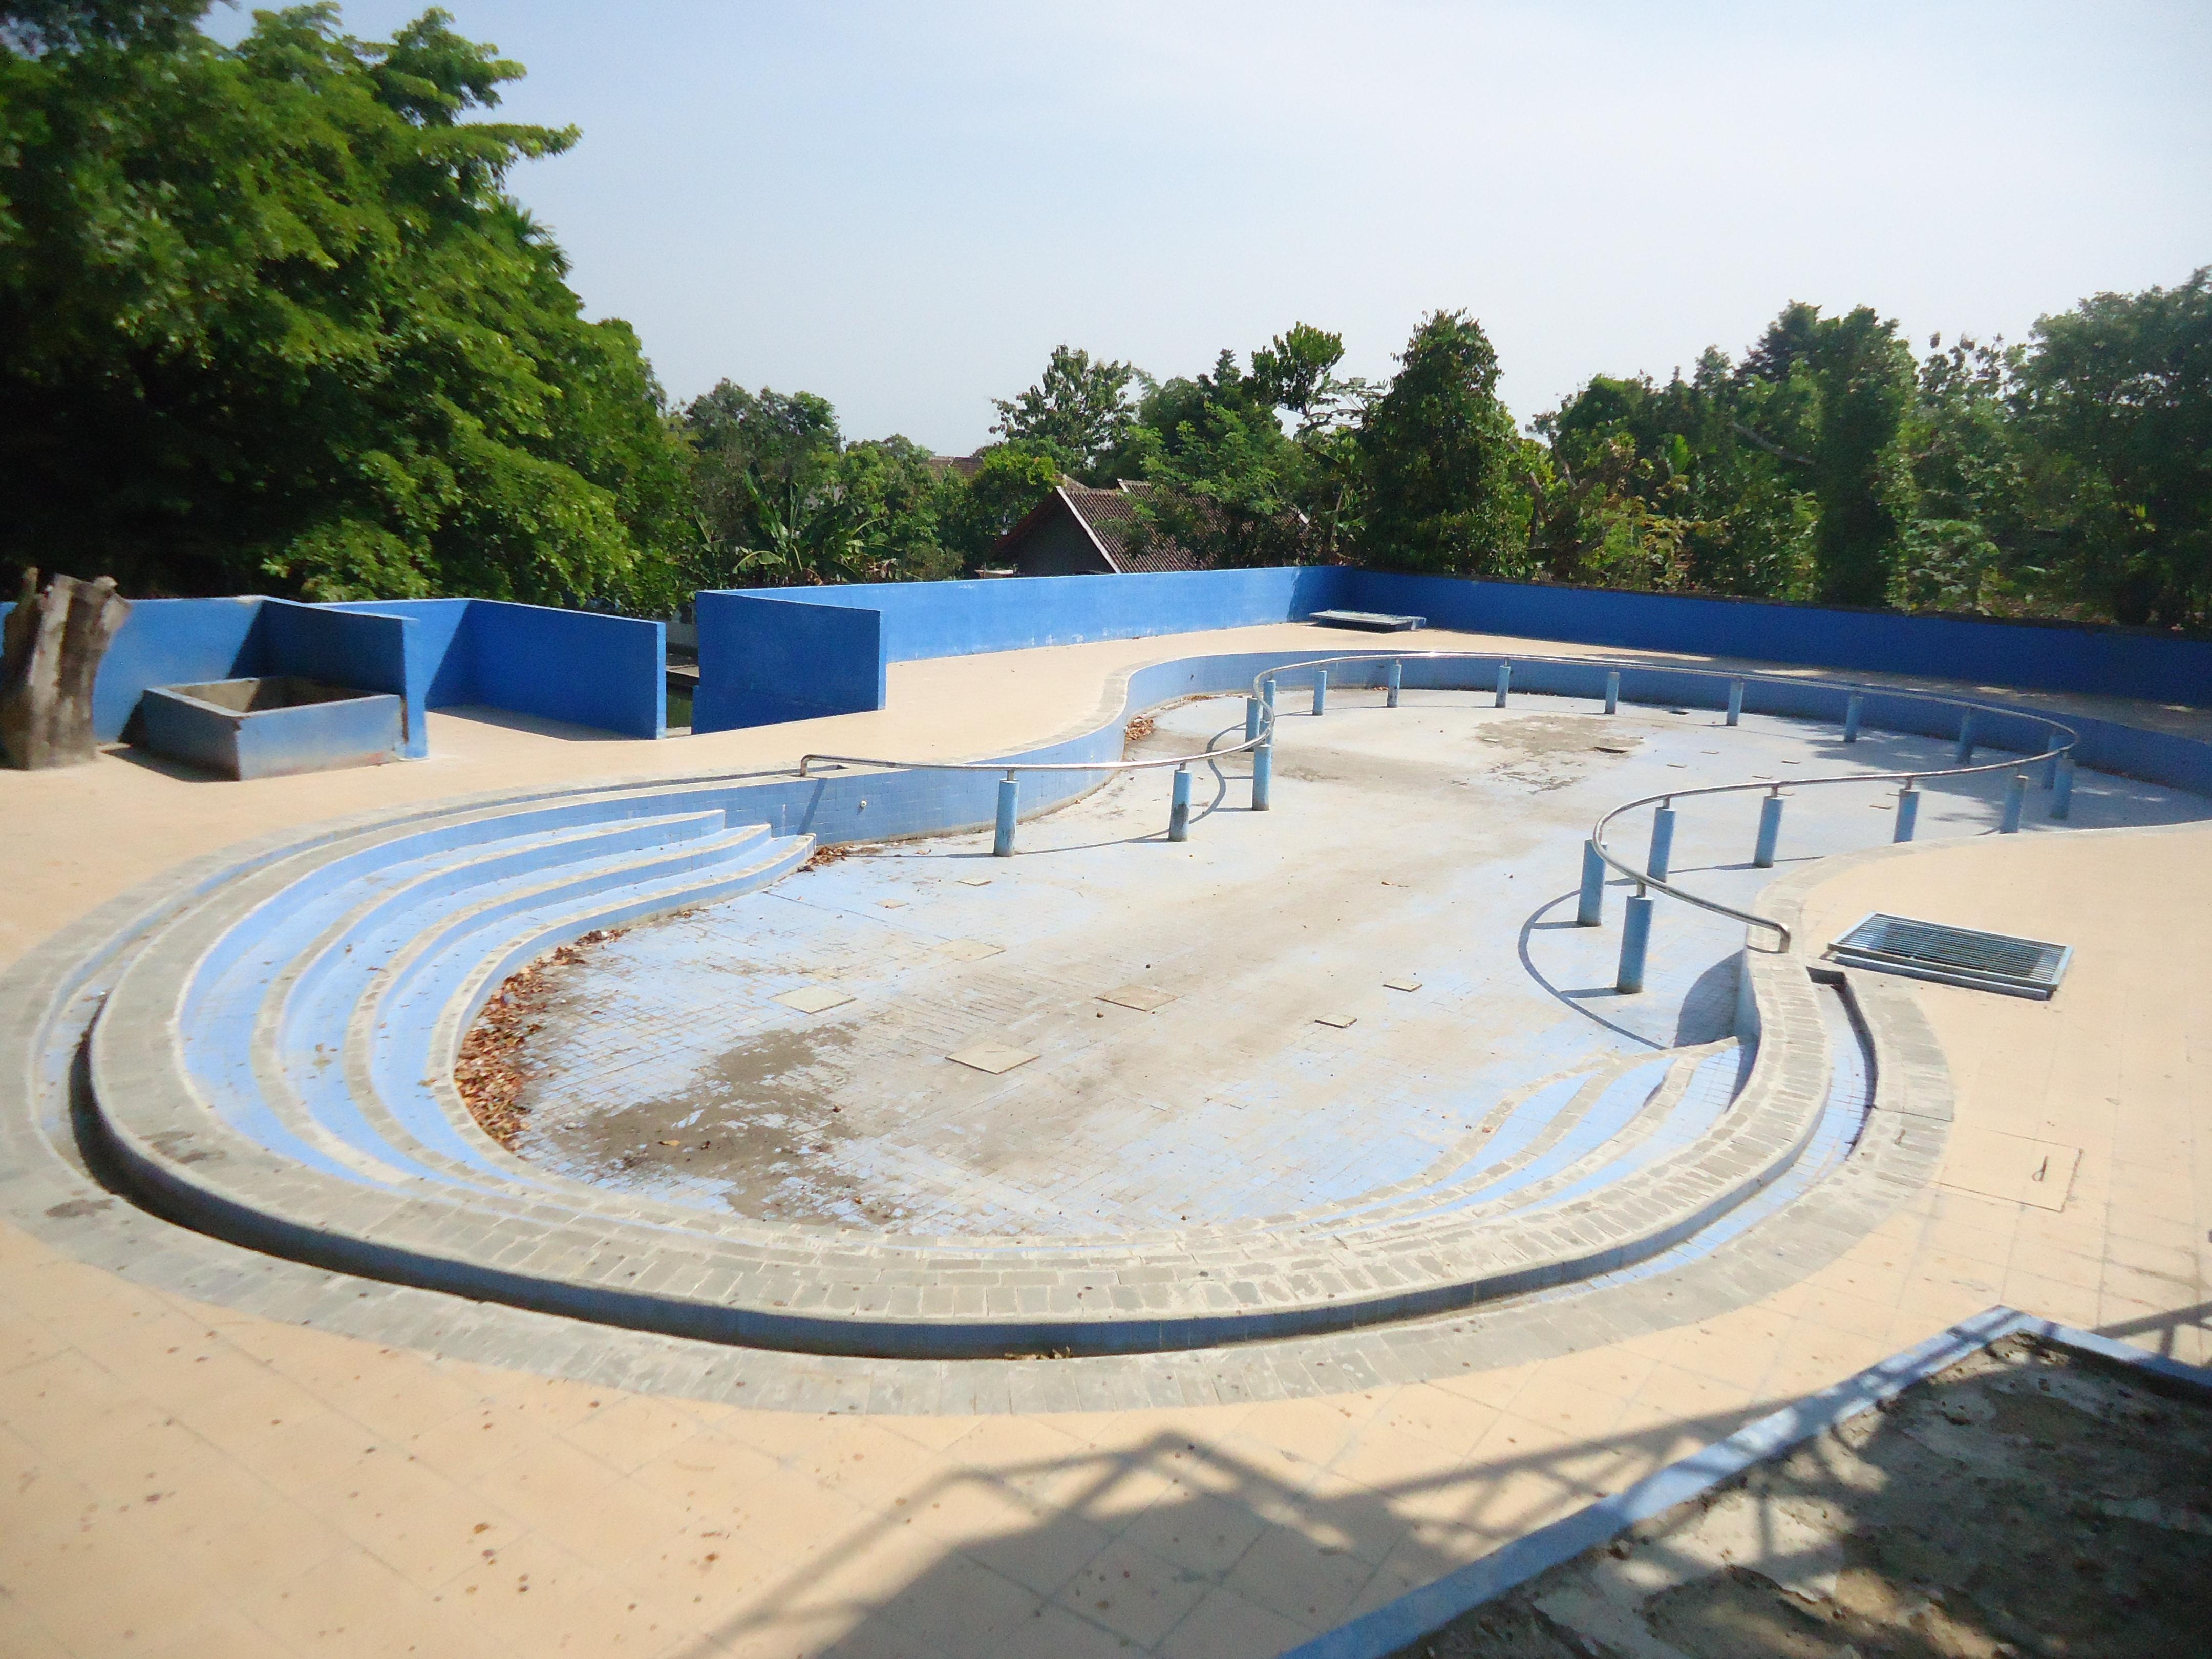 Lokasi Pariwisata Daerah Ngawikab Museumjatim Pemandian Tawun Memiliki Sarana Olahraga